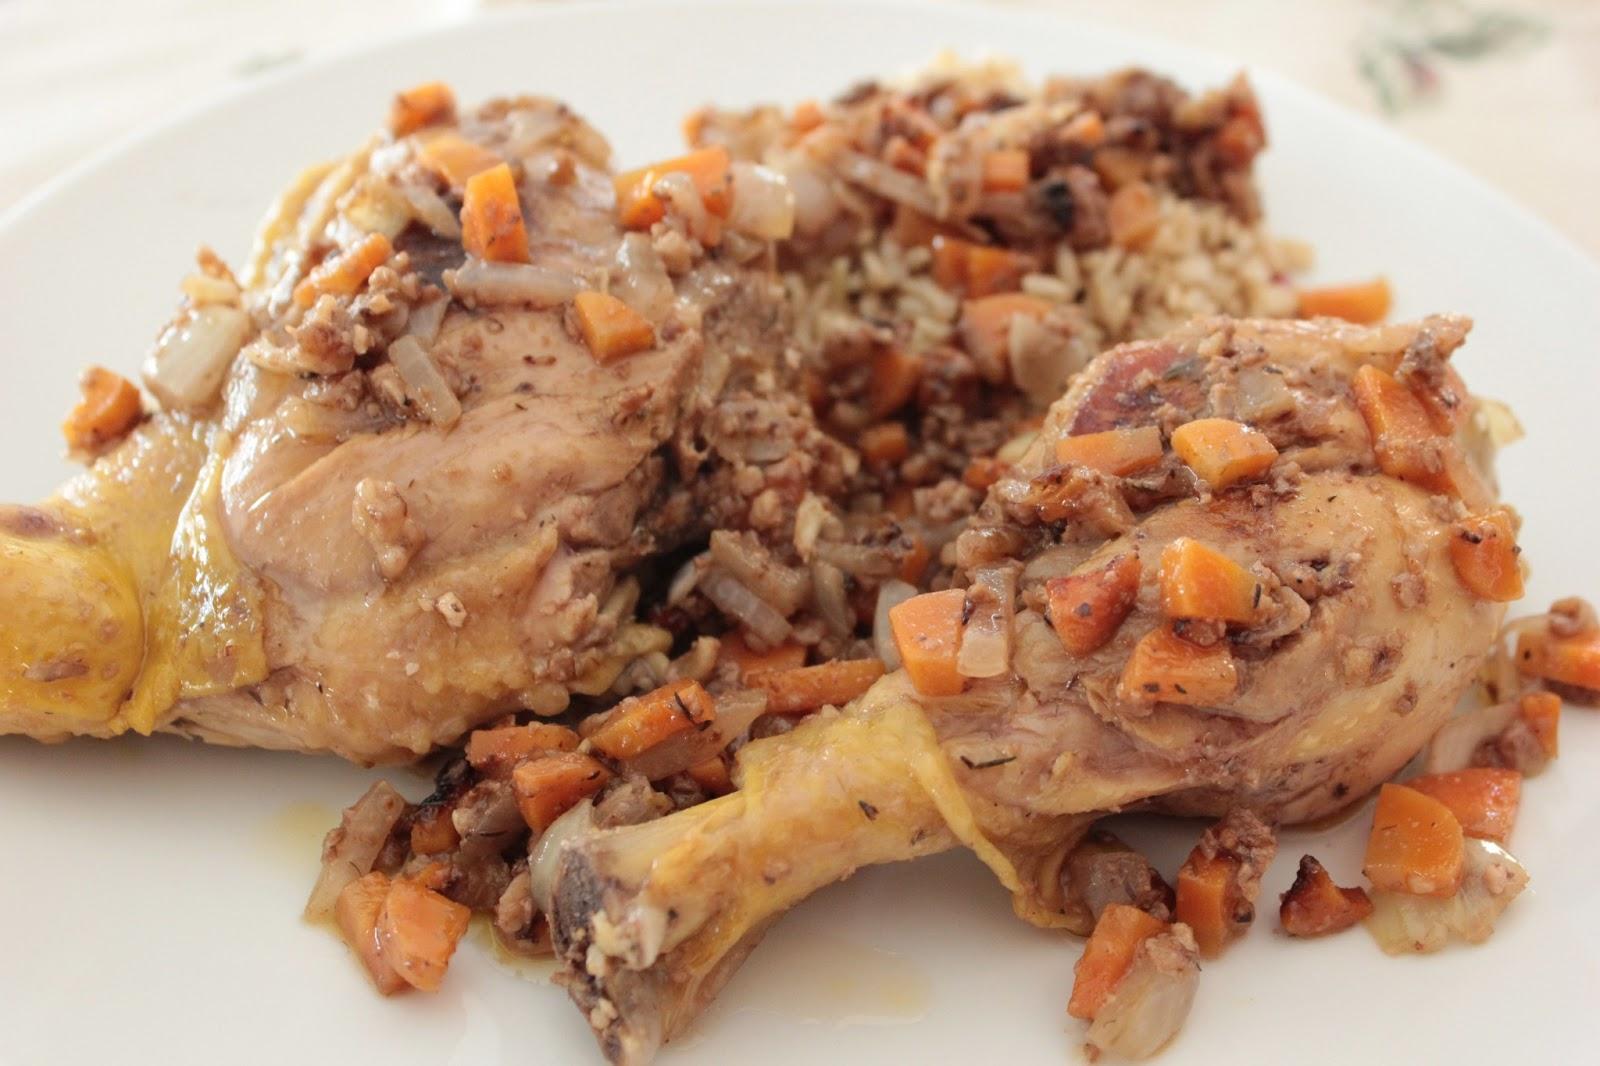 Alrededor de la cocina pollo de corral guisado - Pollo de corral guisado ...